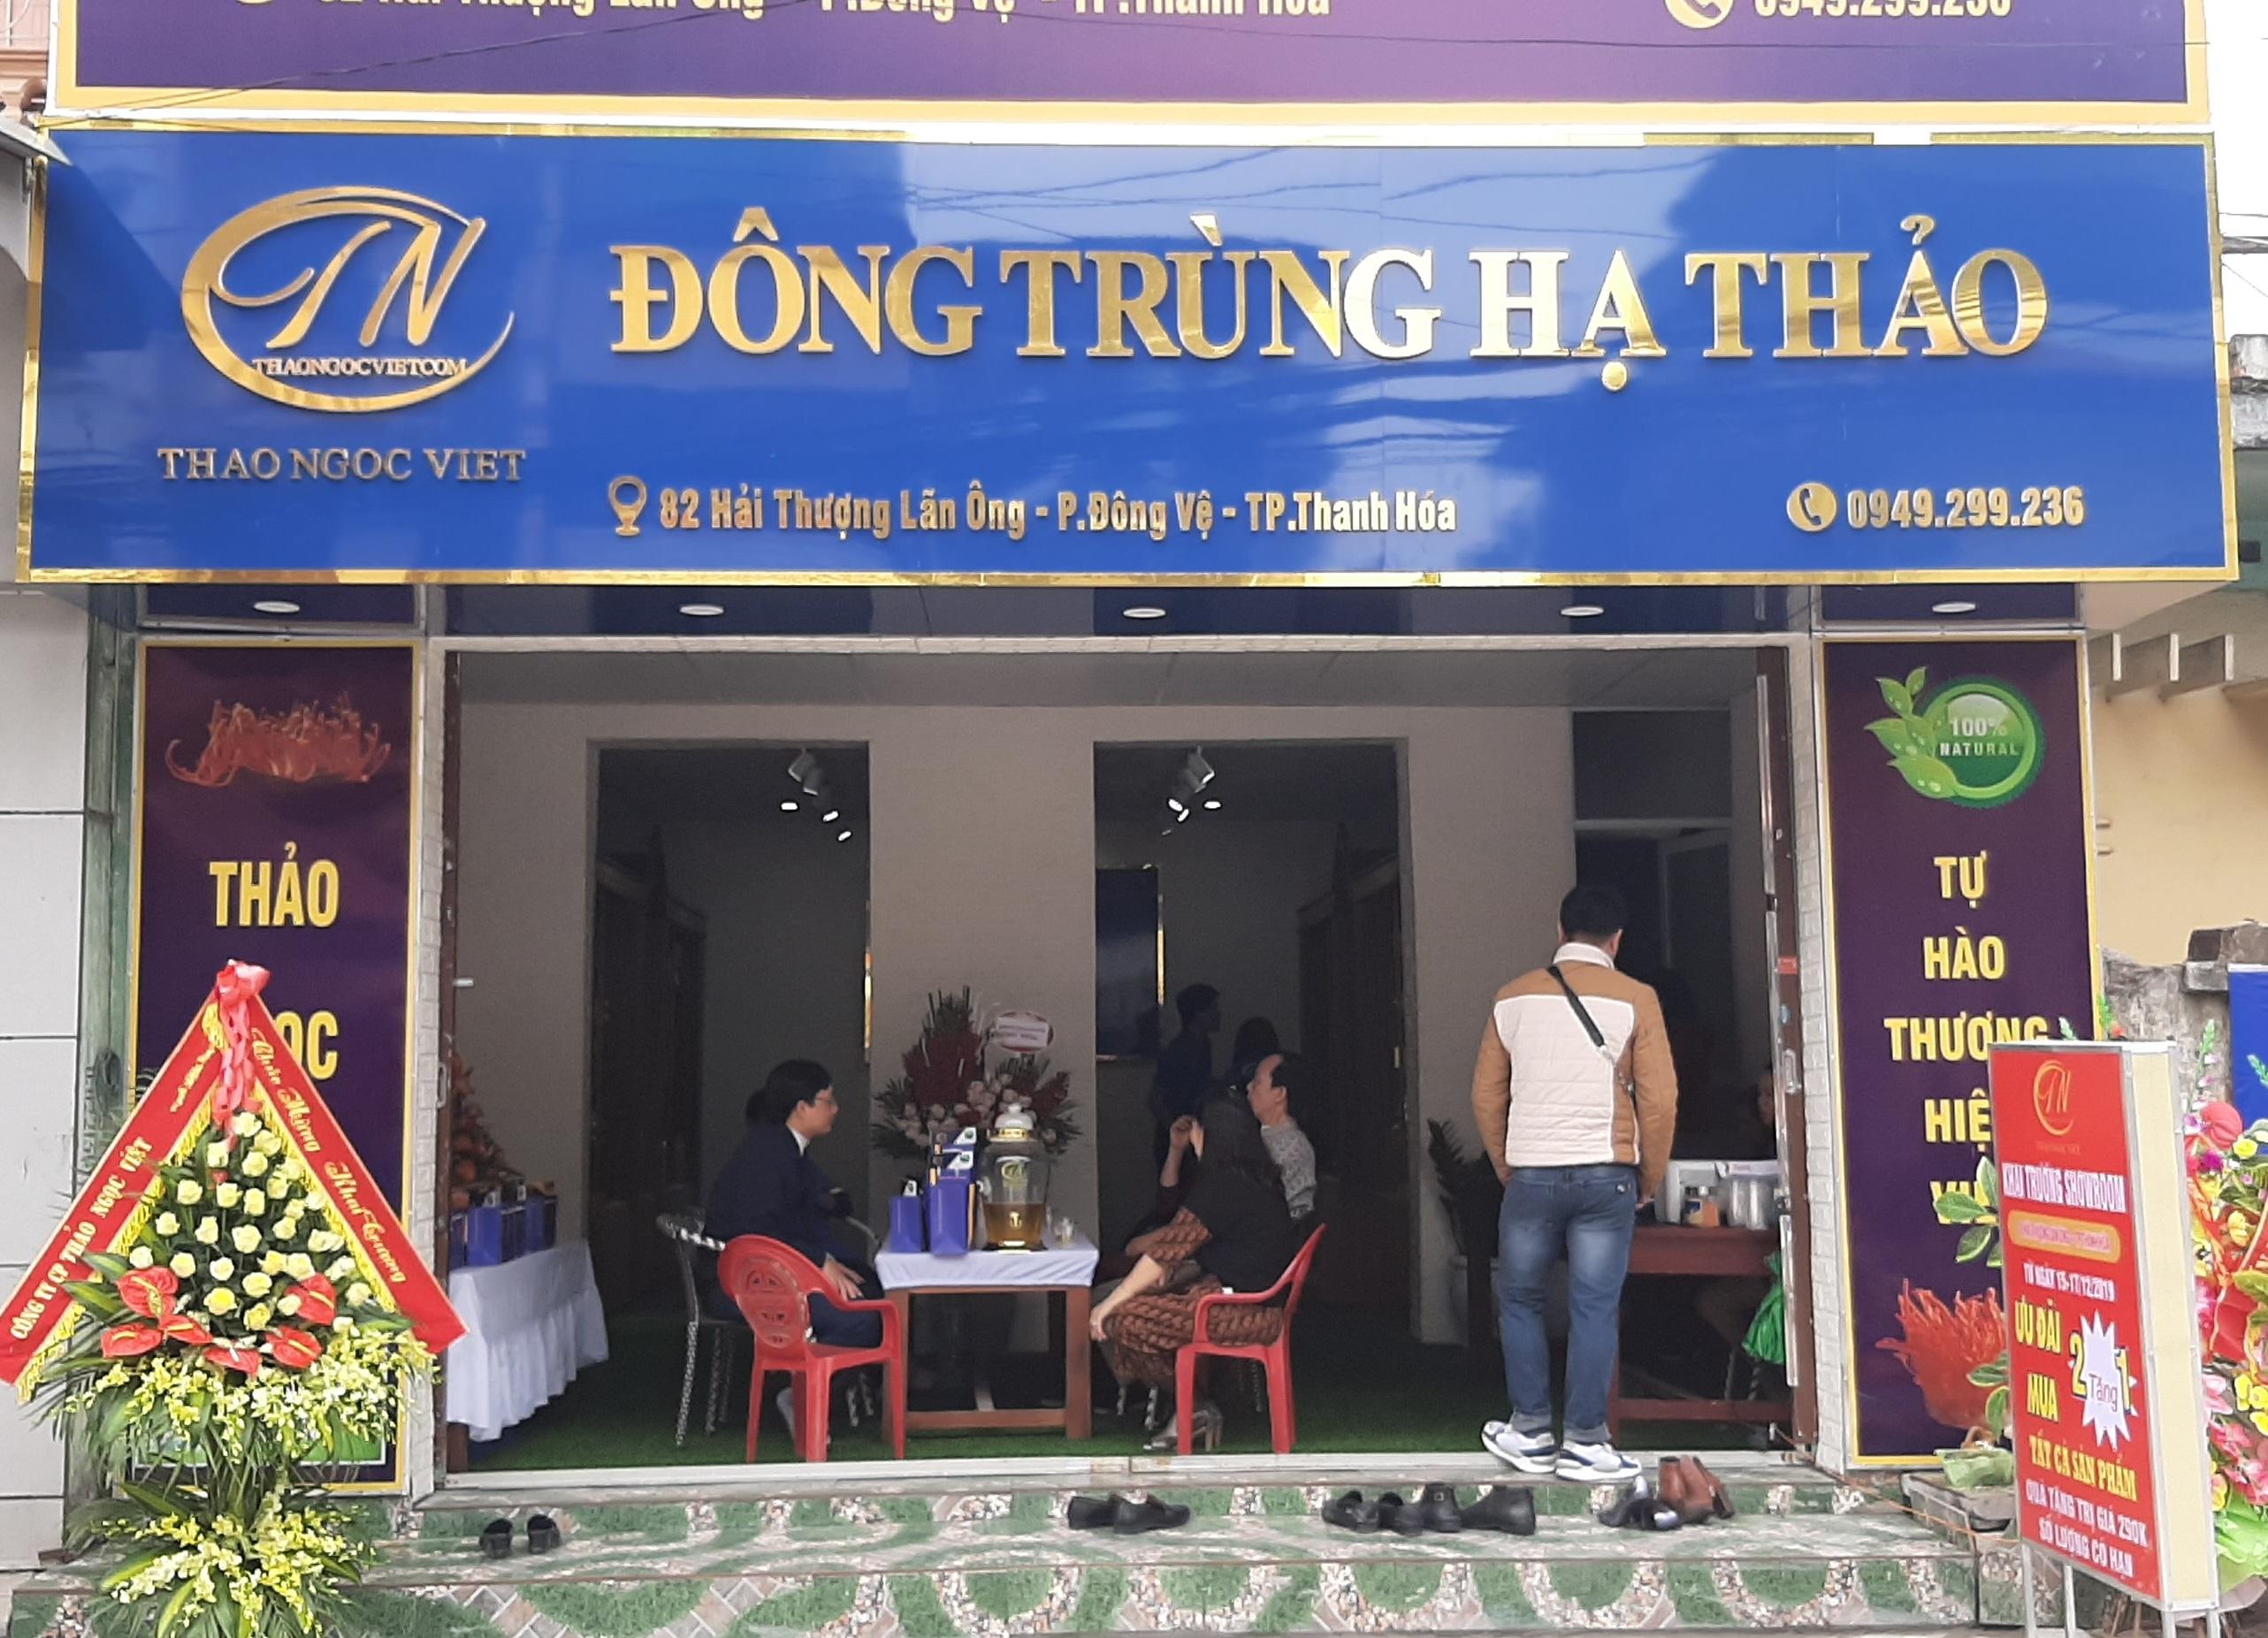 Showroom Đông trùng hạ thảo tại Thanh Hóa